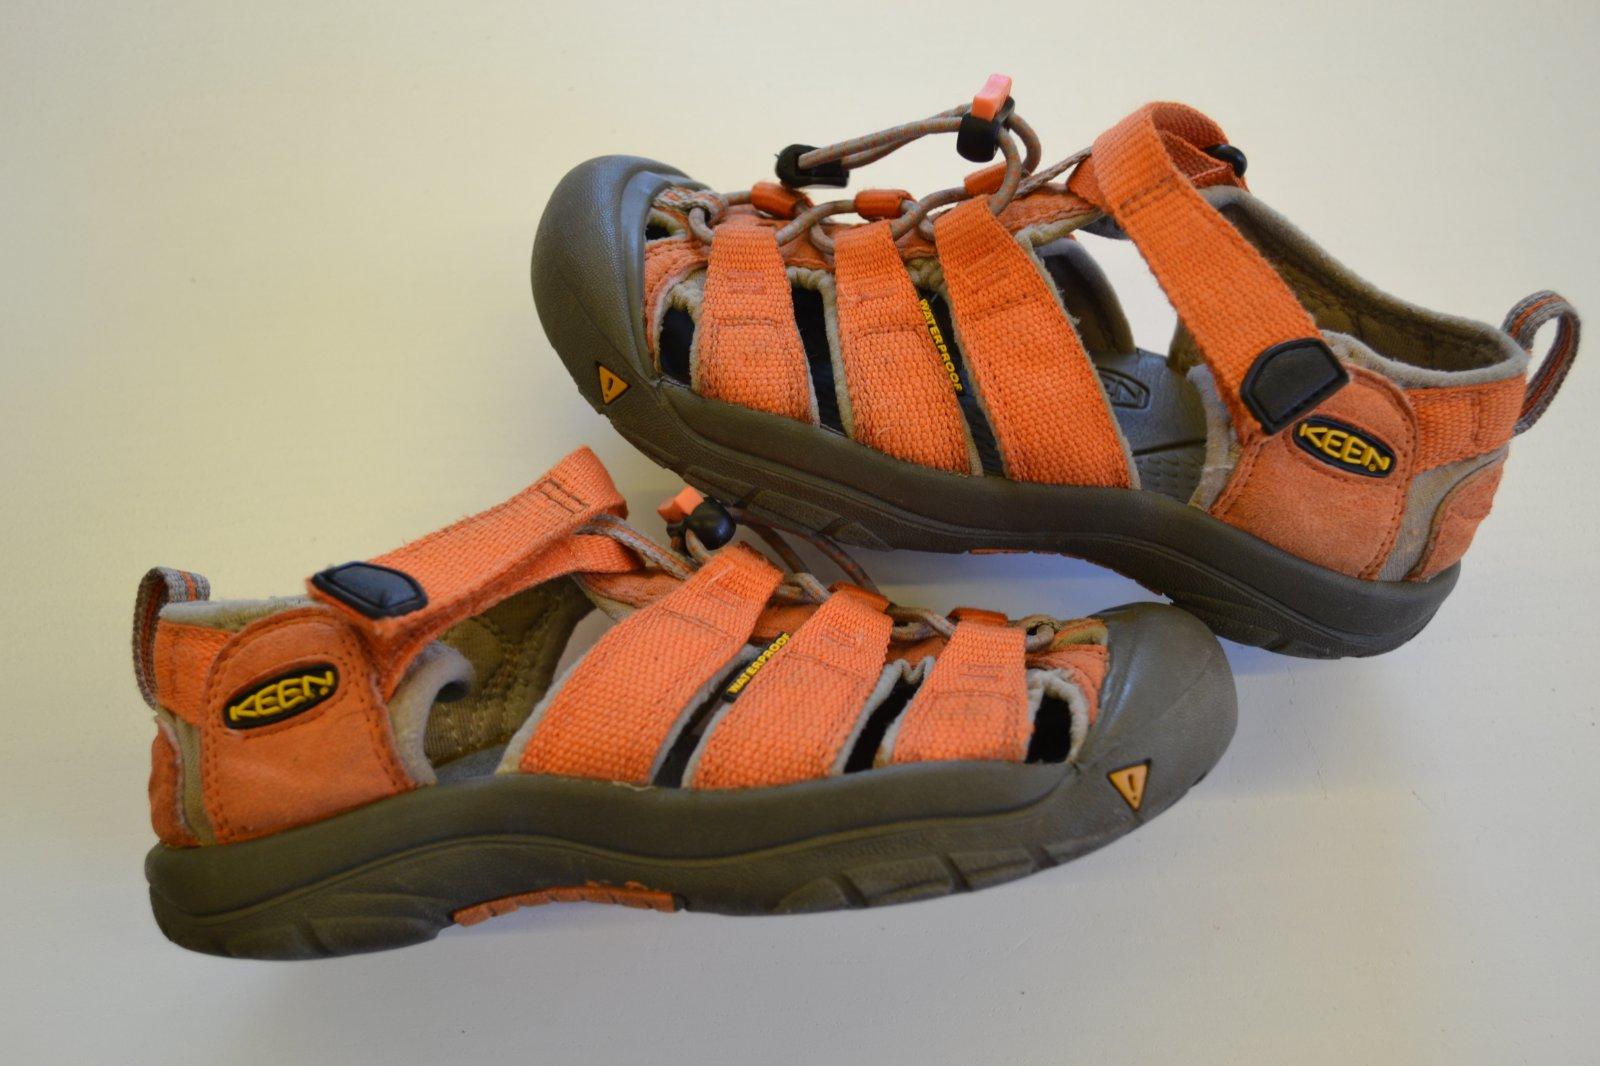 online store 464b9 cba29 Keen sandále, sandálky, keen,33 - 370 Kč Od prodejkyně hradecka | Dětský  bazar | ModryKonik.cz